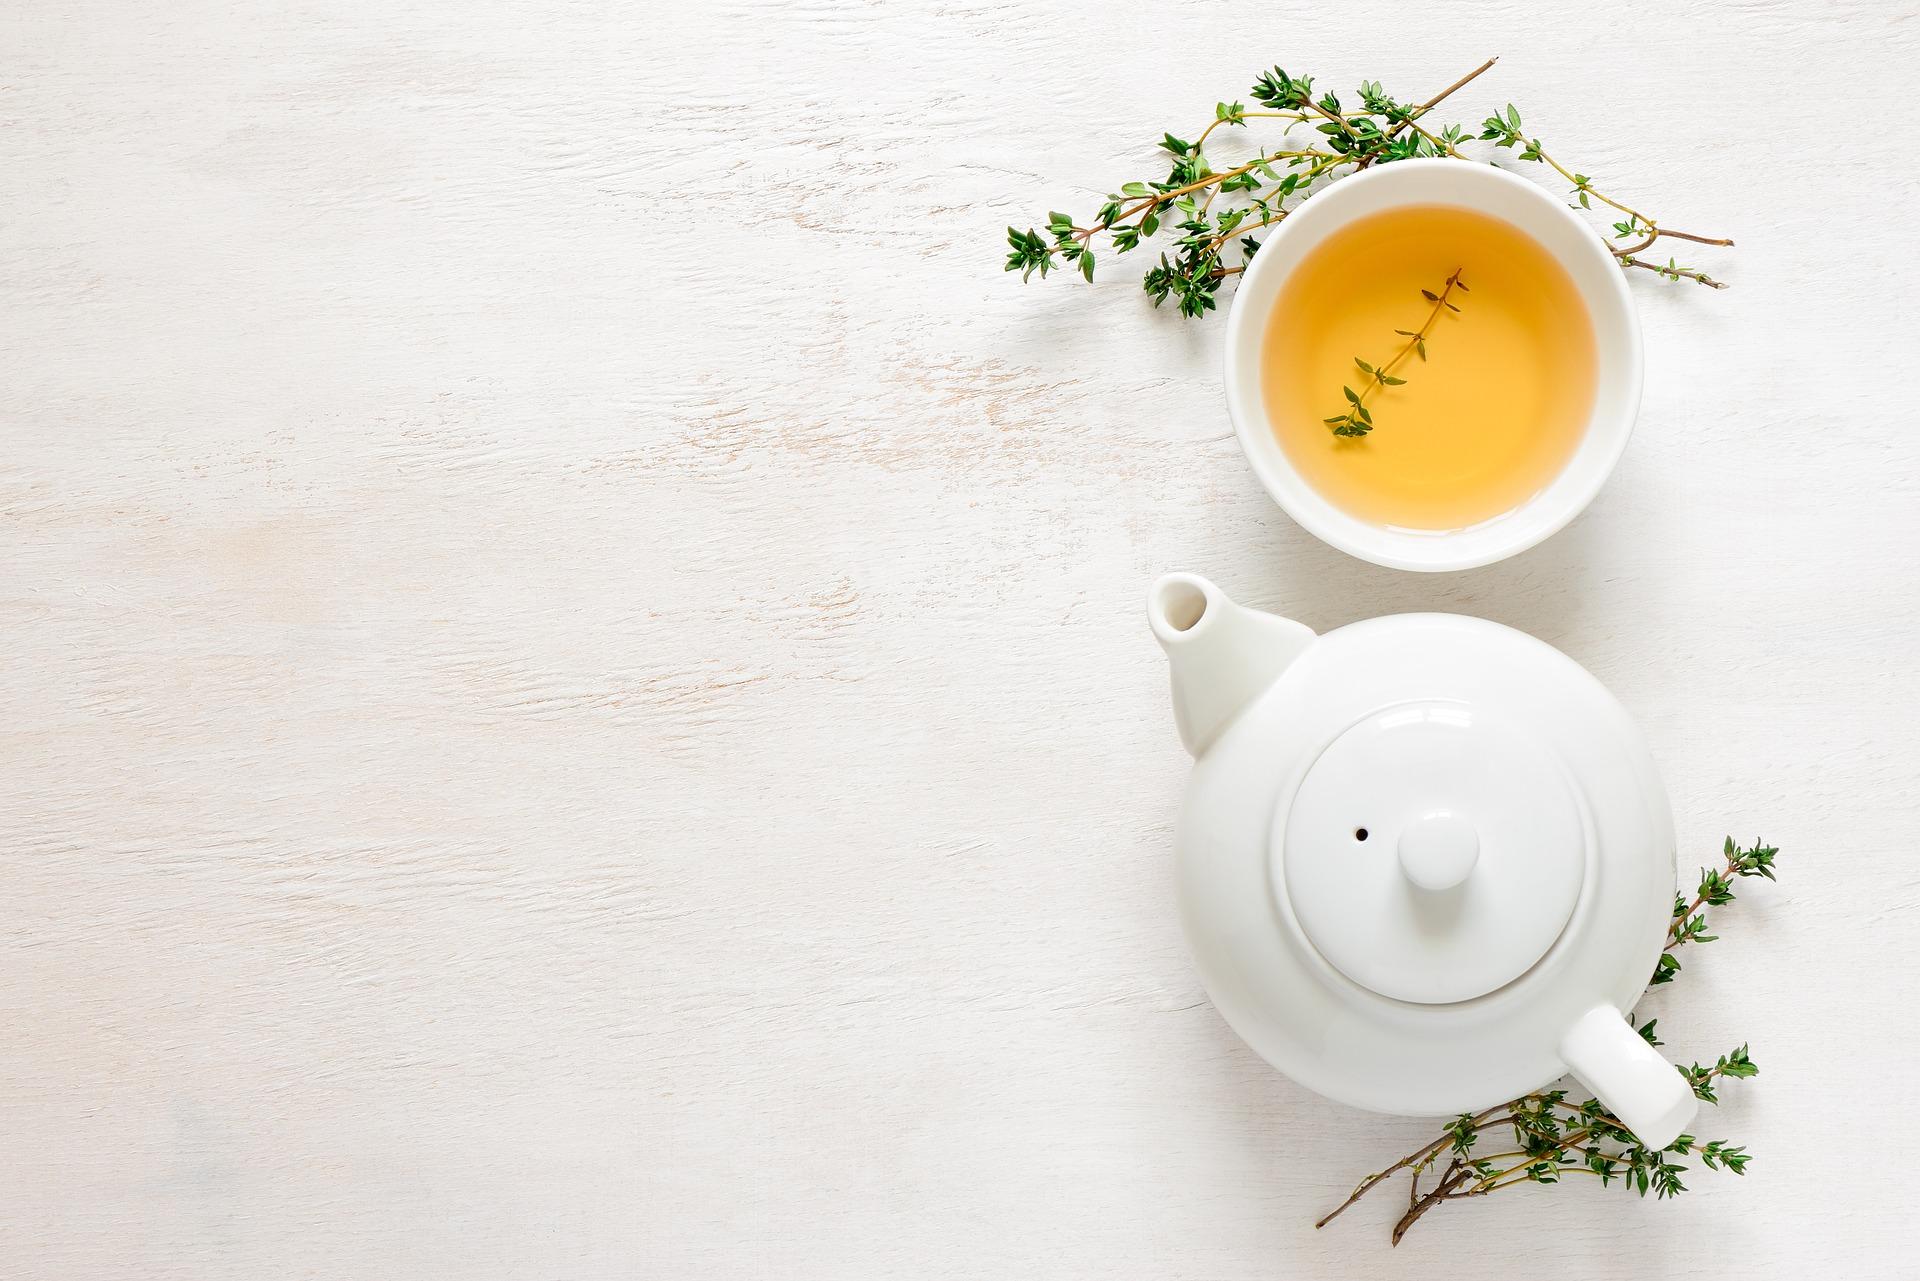 Grüner Tee_Antioxidantien.jpg